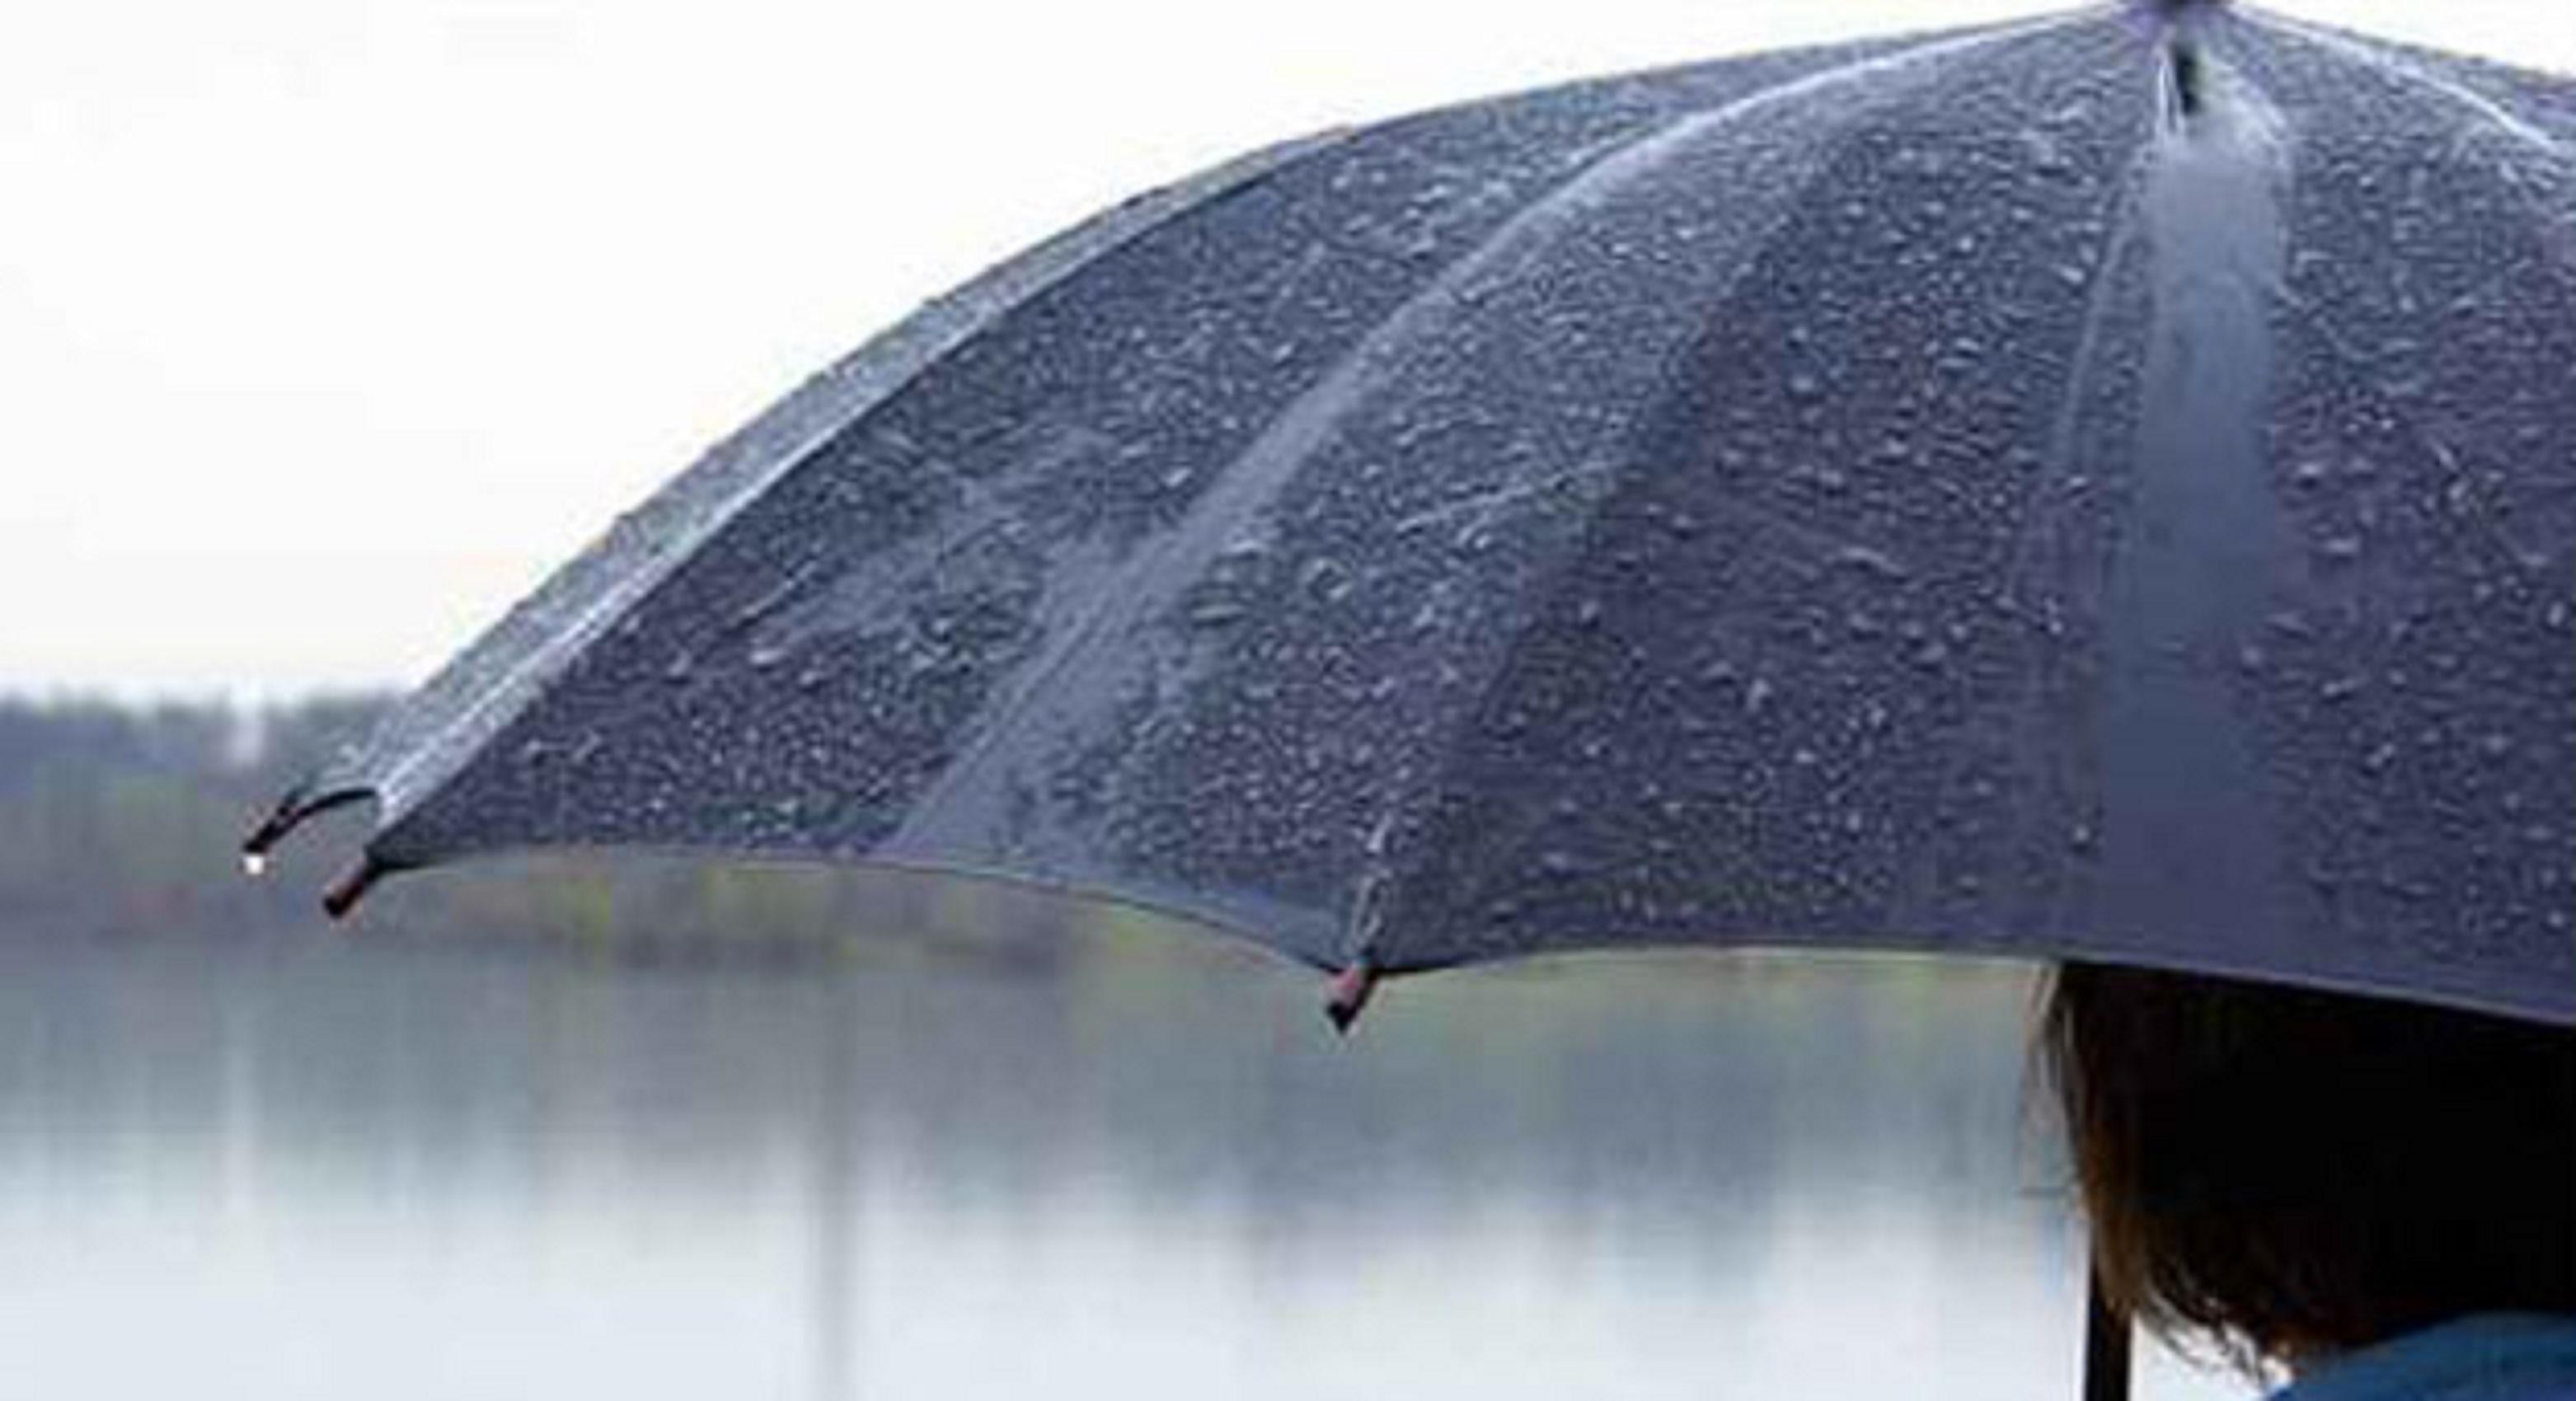 بالأرقام.. مقاييس أمطار مهمة سجلت بالمملكة خلال ساعات